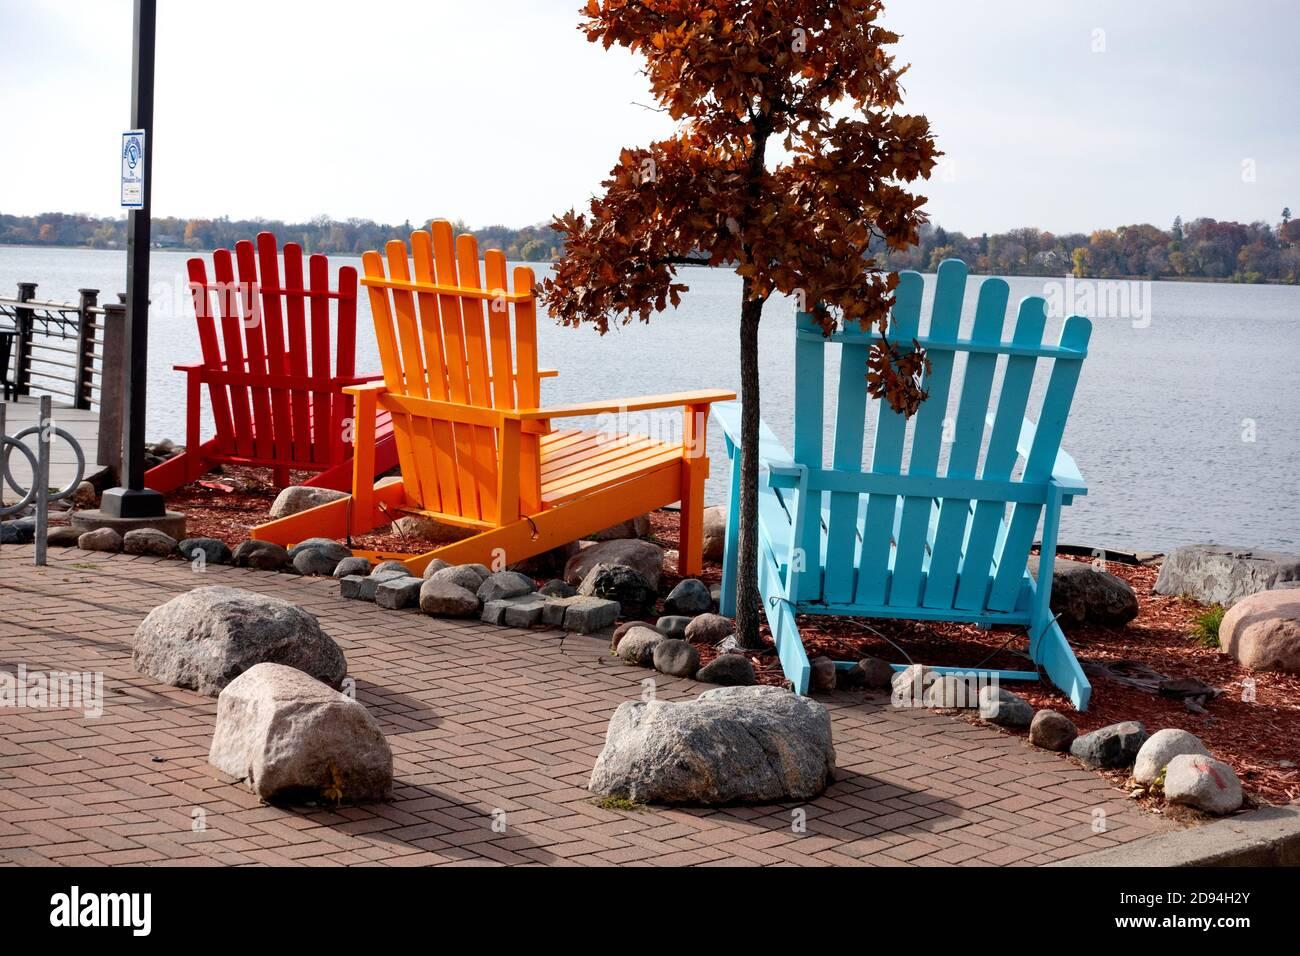 Jumbo coloridas sillas adriáticas con vistas al lago BDE Maka Ska. Minneapolis Minnesota MN EE.UU Foto de stock